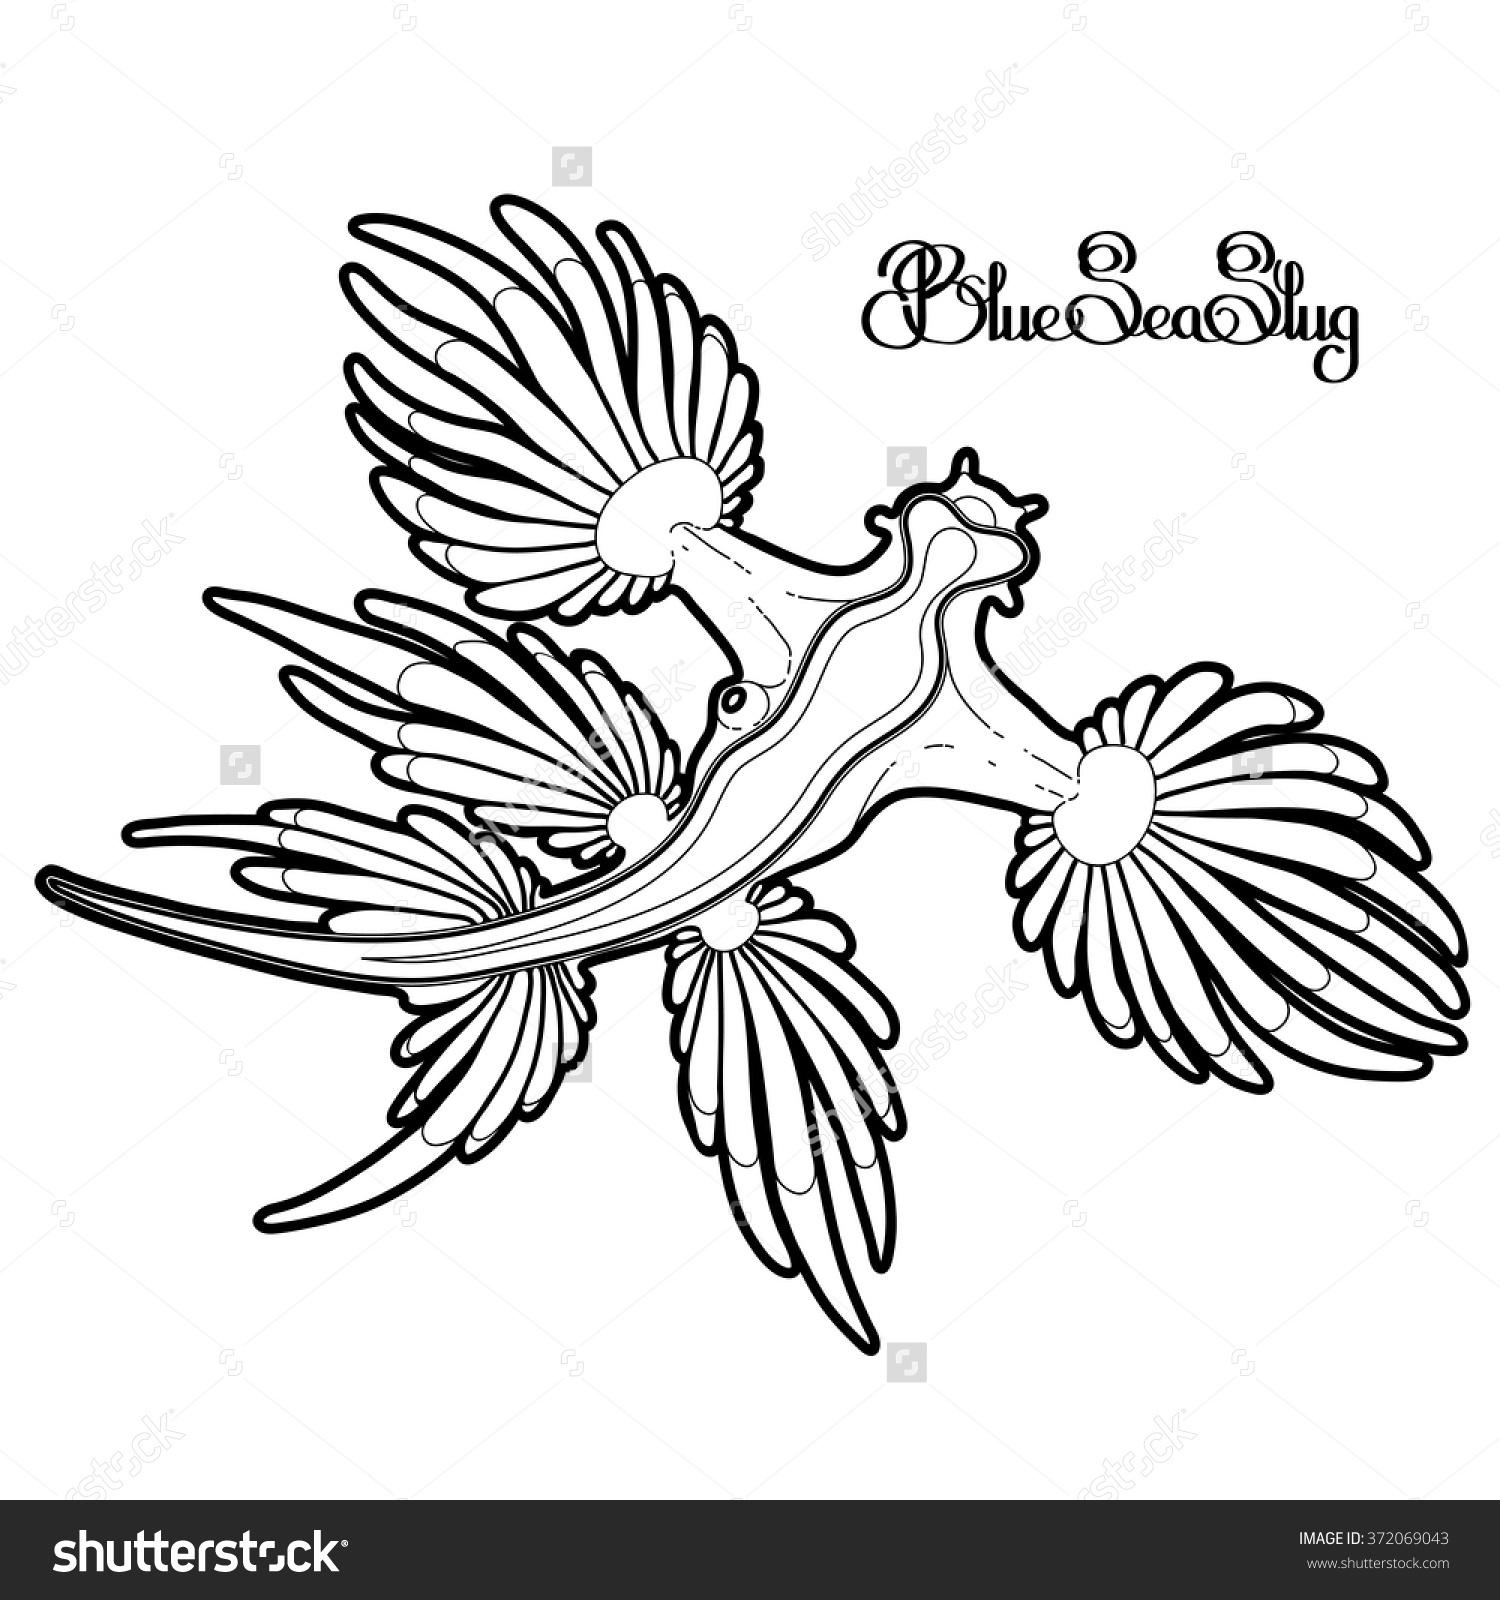 Glaucus Atlanticus coloring #15, Download drawings